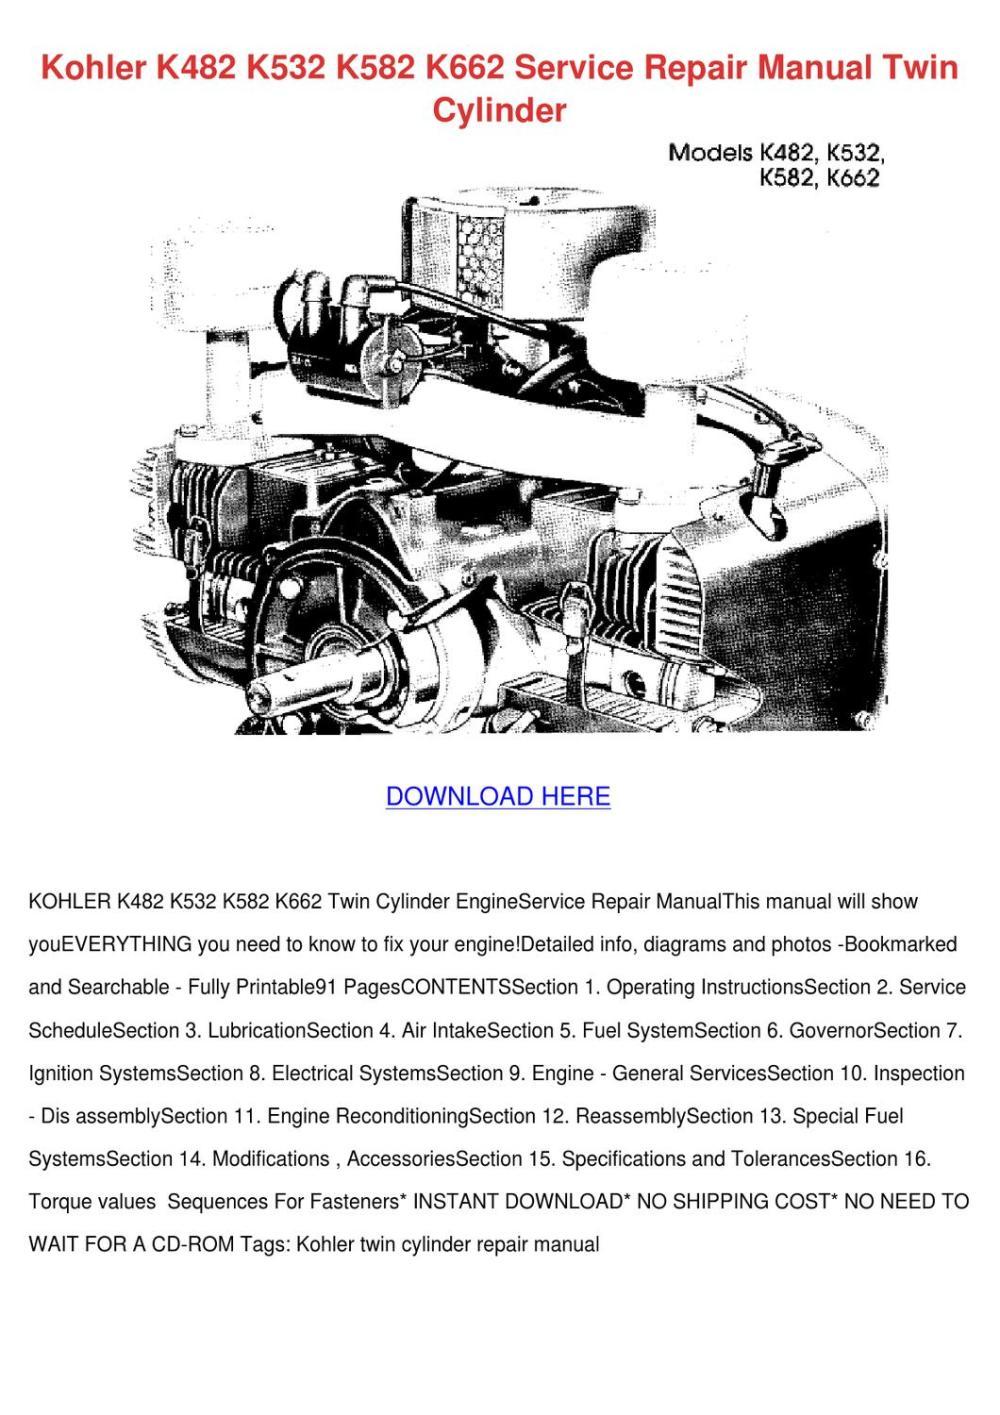 medium resolution of kohler k482 k532 k582 k662 service repair man